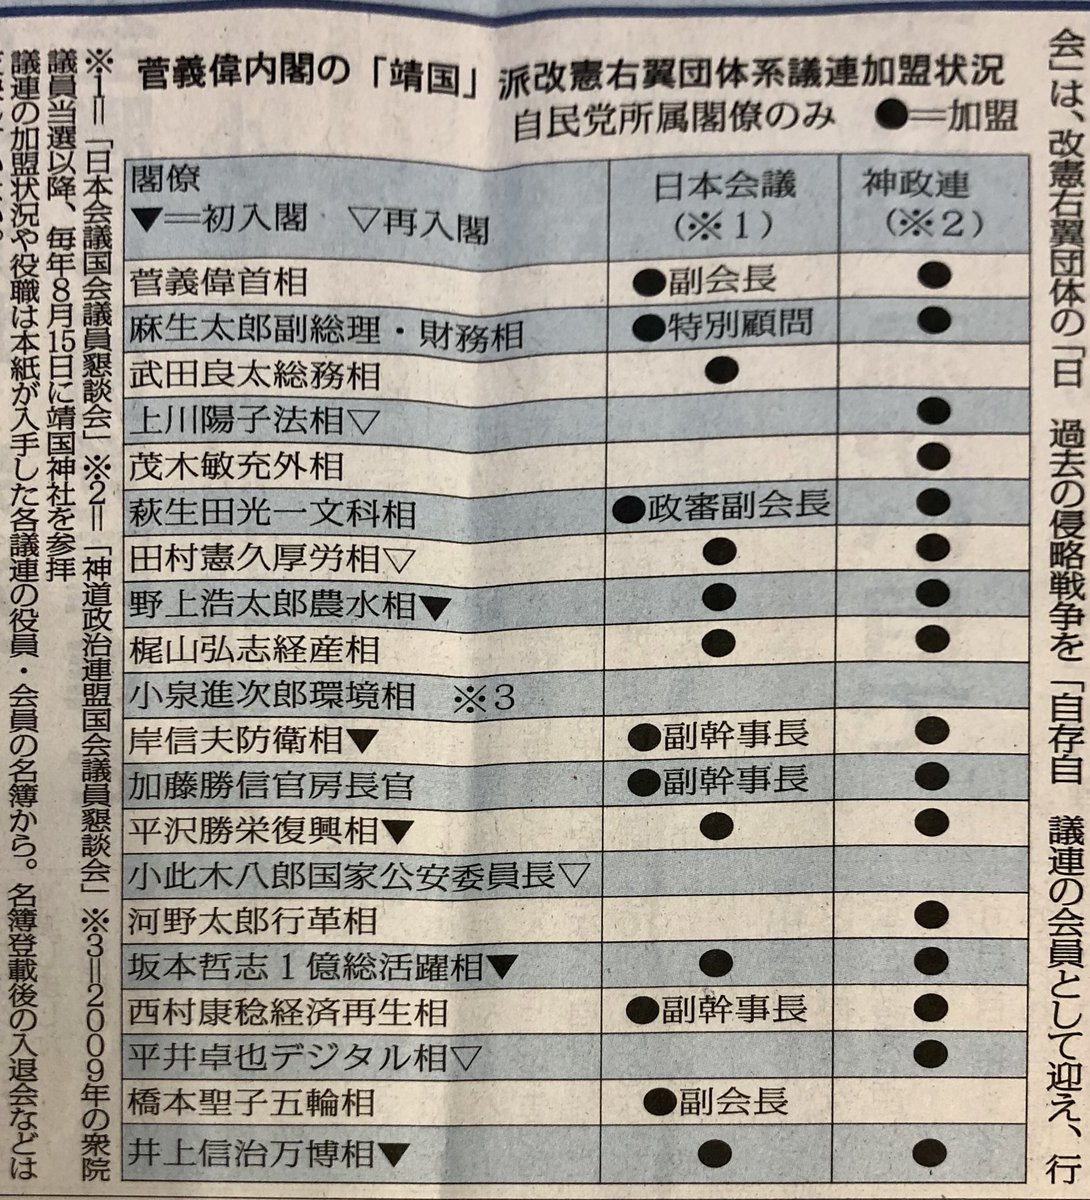 菅内閣閣僚は靖国派ズラリ  20人中18人が靖国派改憲右翼団体と一体の議員連盟に加盟していると今朝の赤旗が報じています。  両団体とも、夫婦別姓やジェンダー平等など反対の立場であり、古い政治が続く所以はこうしたところにあります。 https://t.co/1jD5kATkau